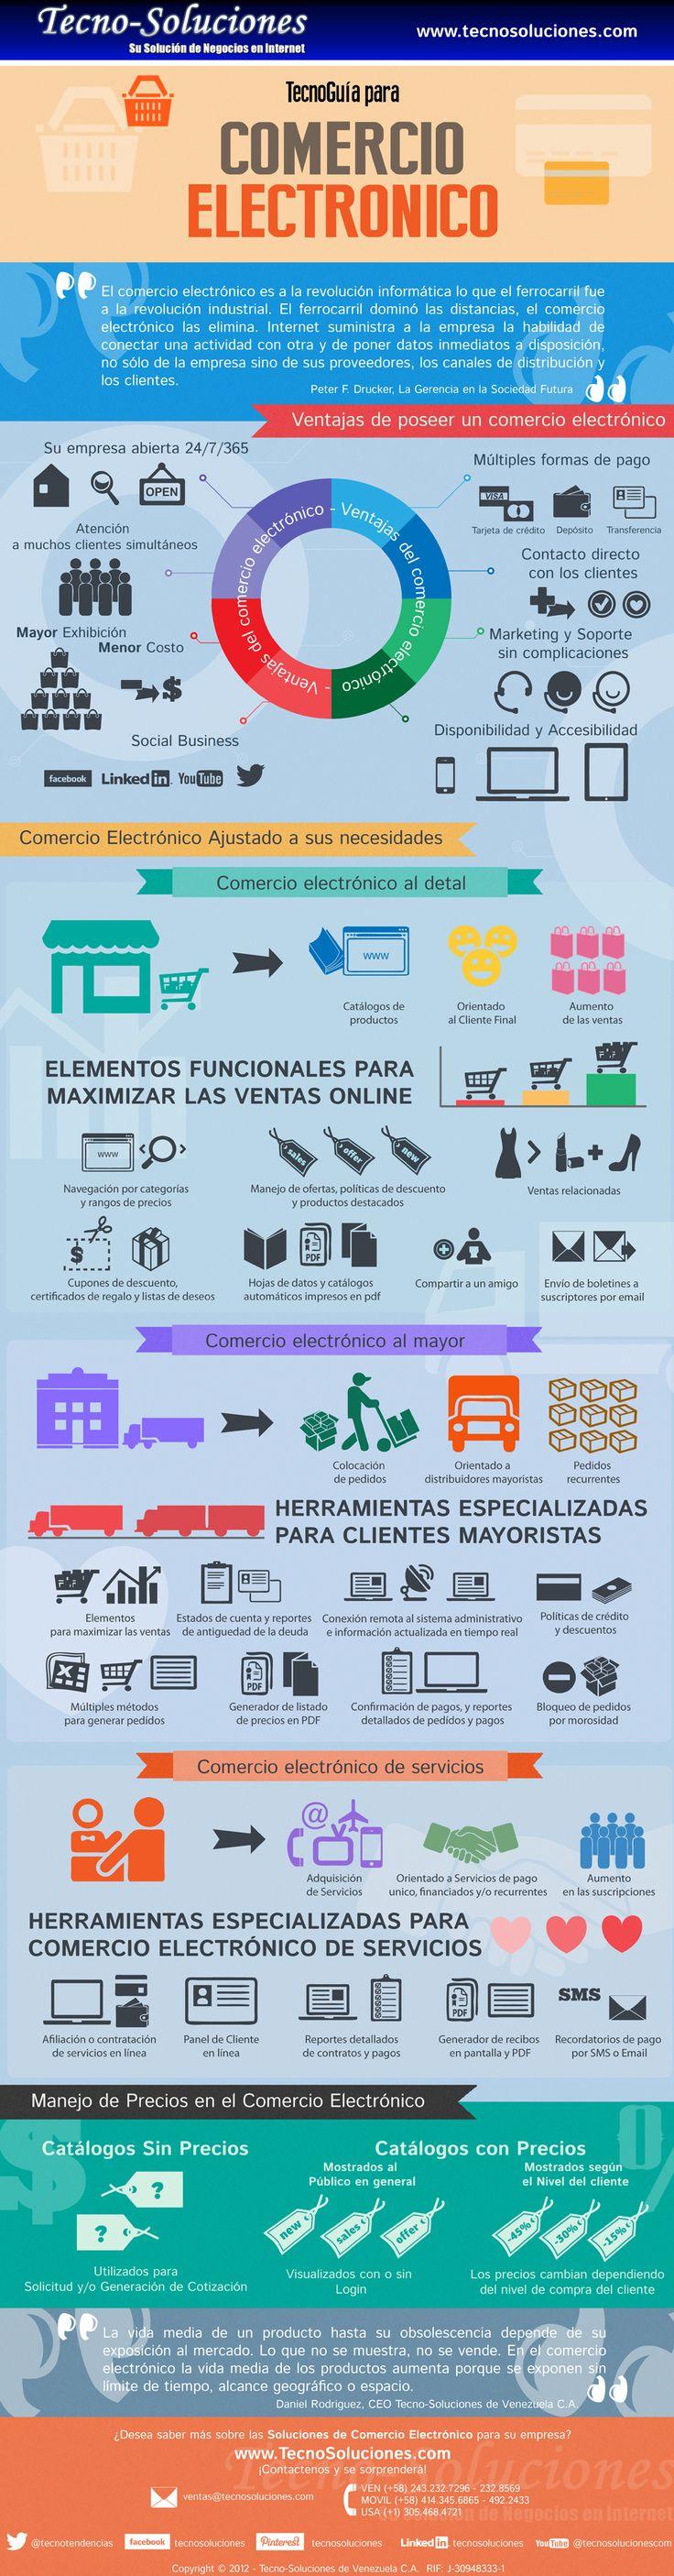 Guía para Comercio Electrónico #infografia #infographic #ecomerce